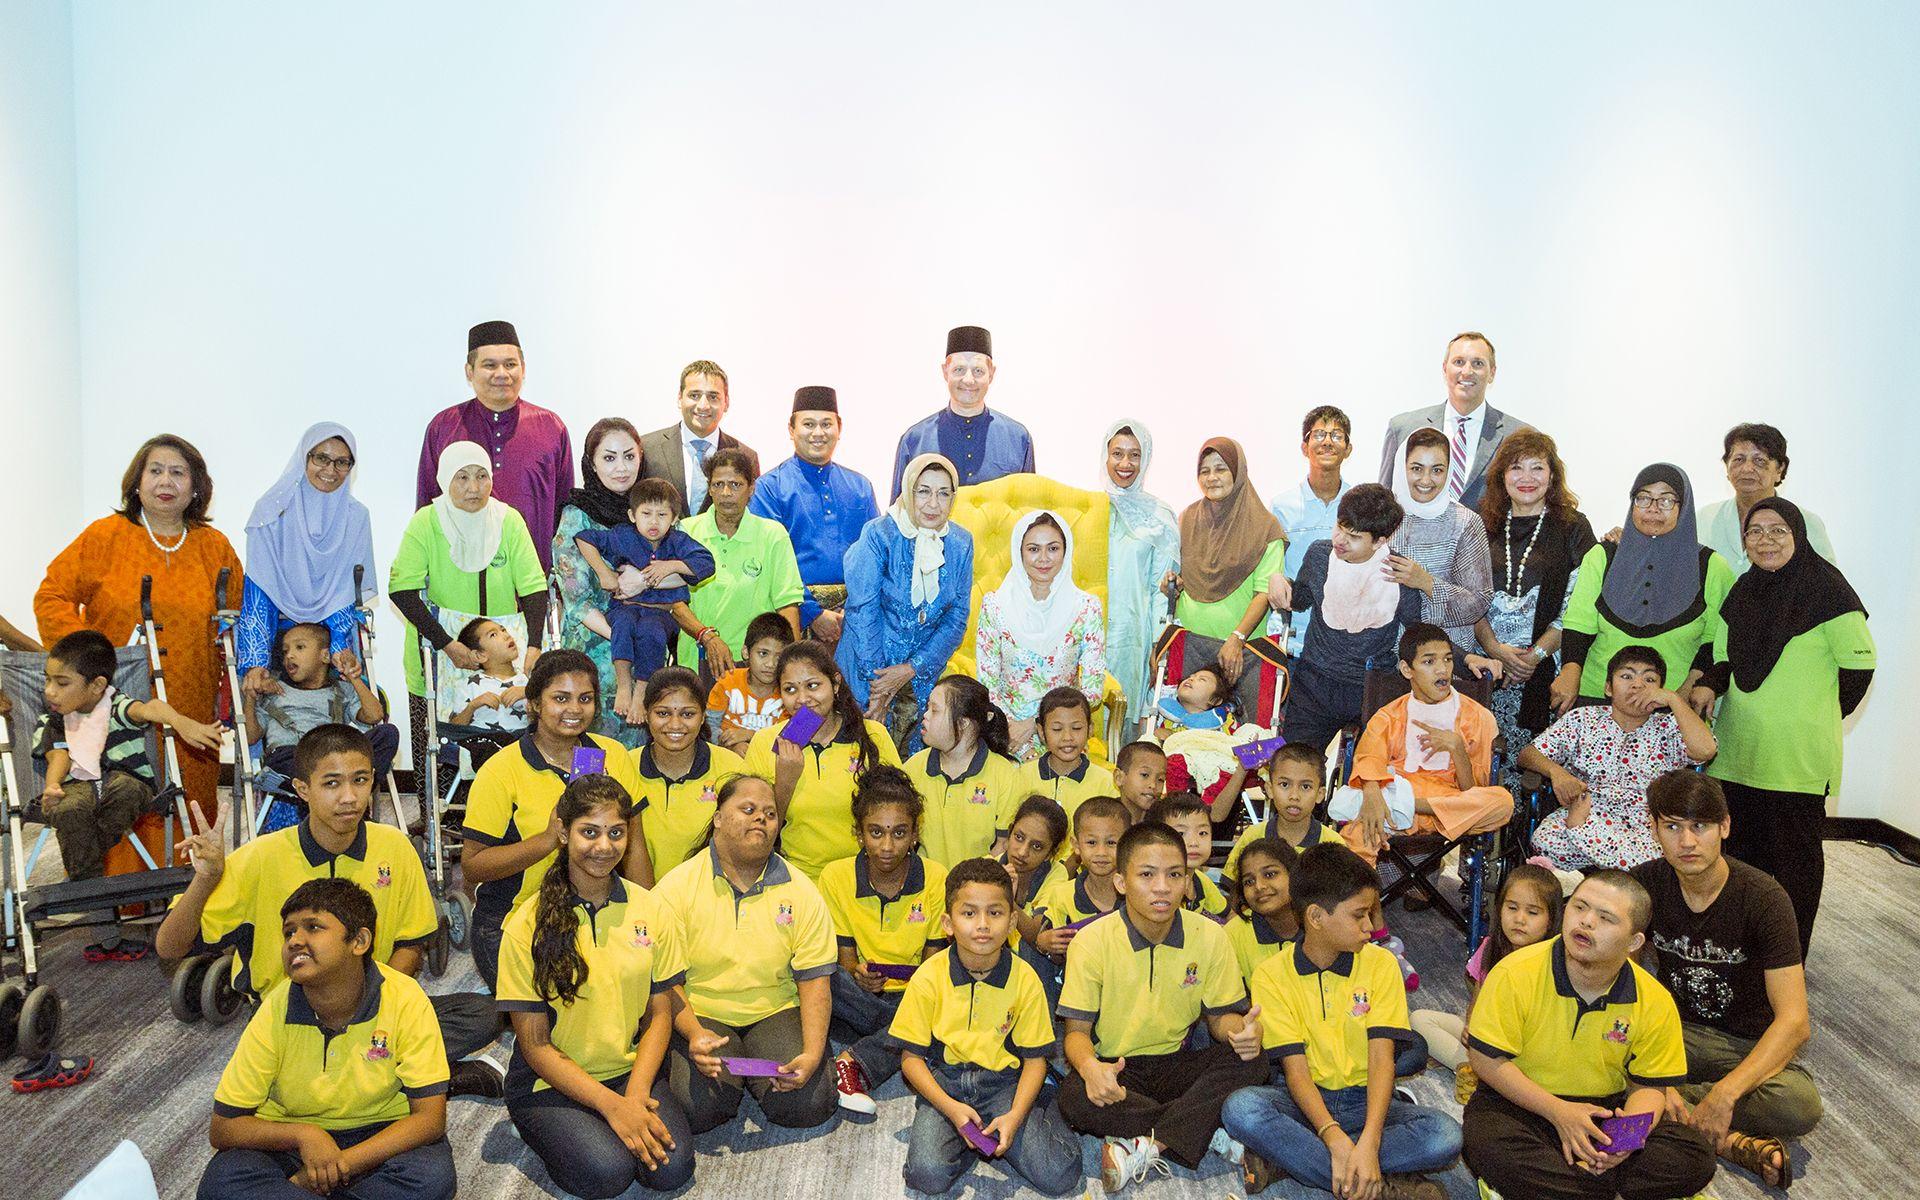 Tengku Permaisuri Norashikin with the children from Tasputra Perkim and Taman Megah children's home